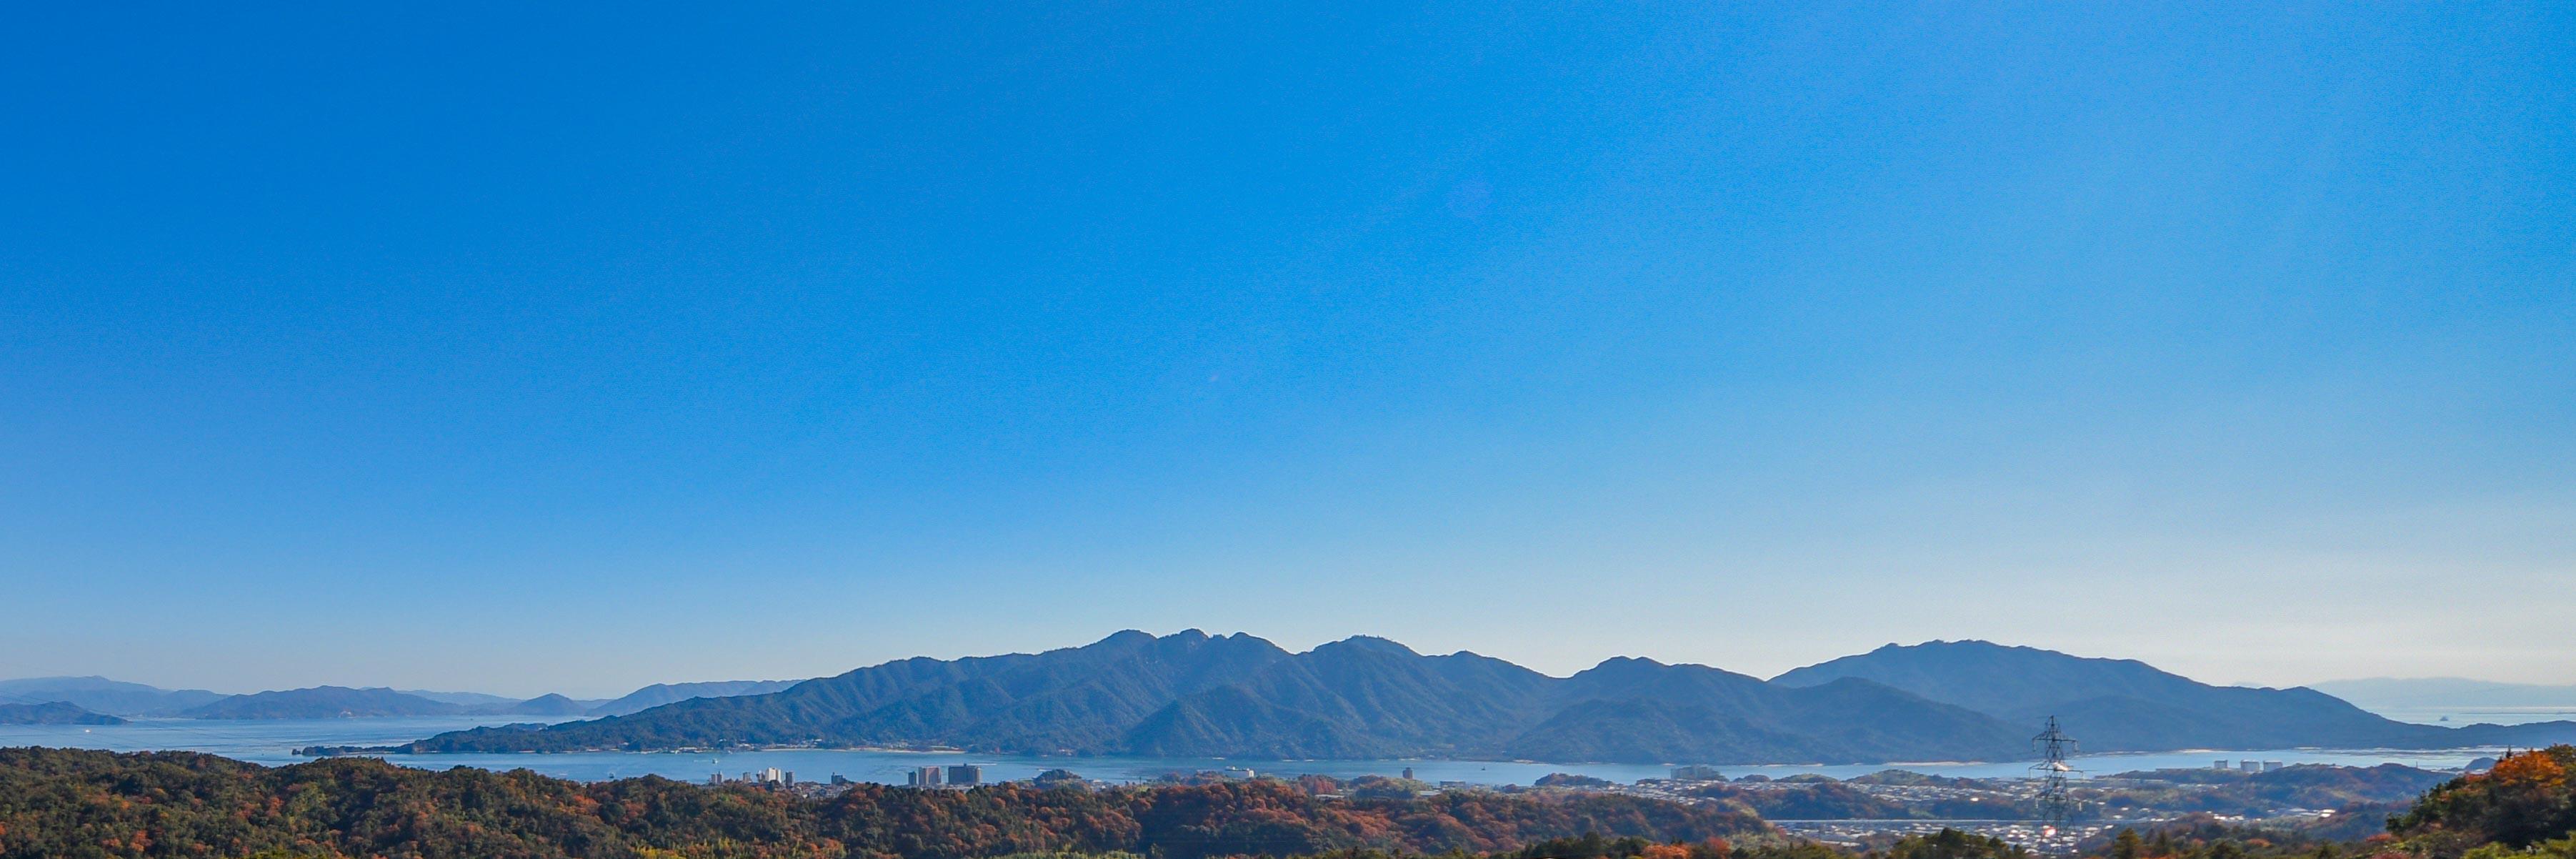 20171205月光に浮かぶ宮島(昼)